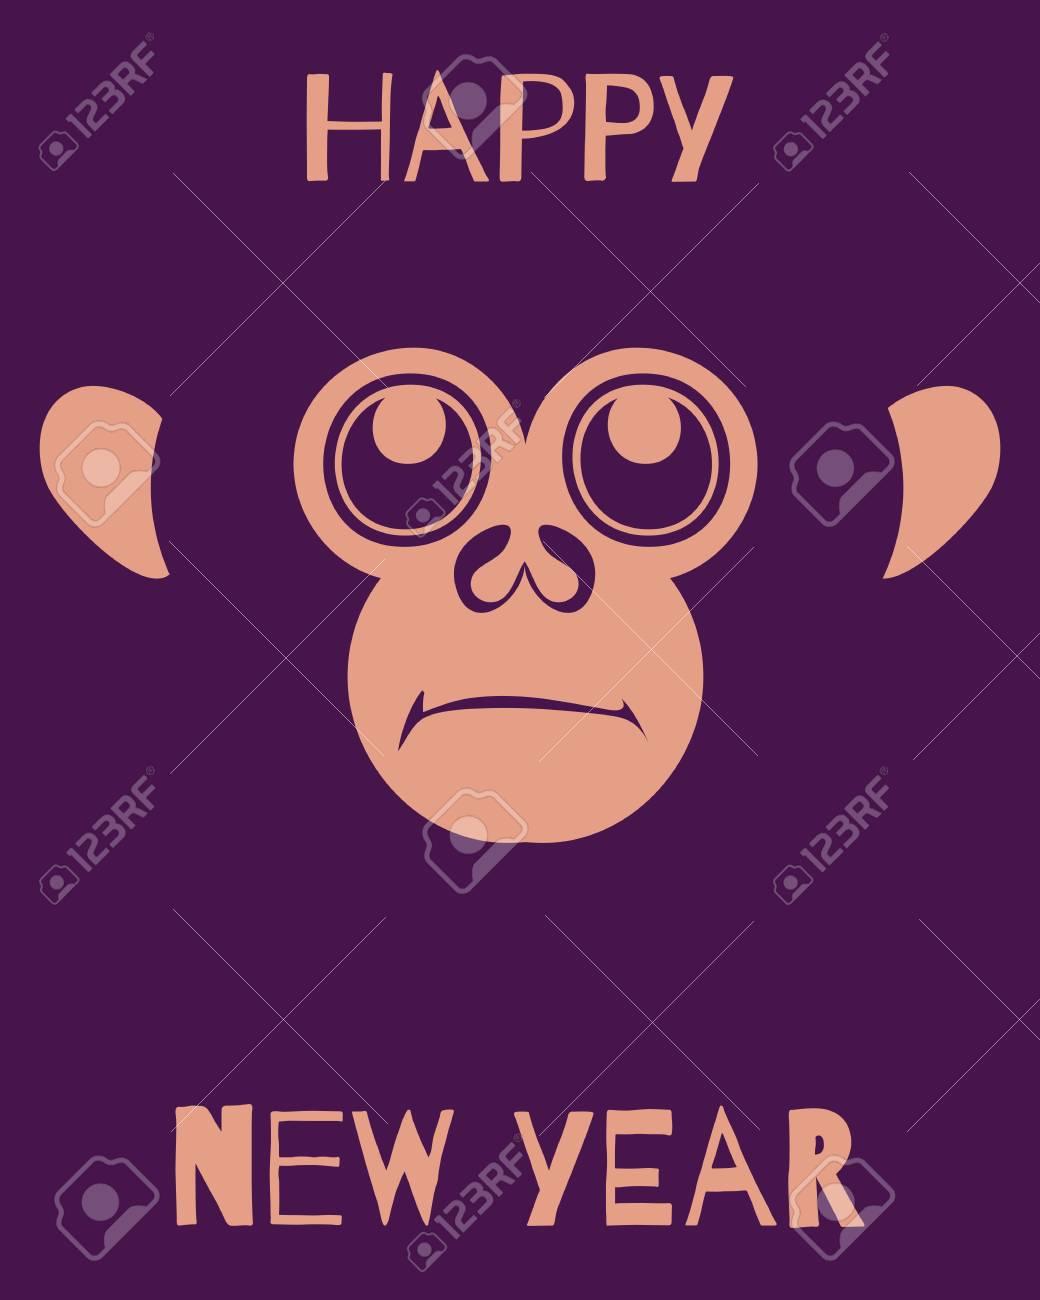 Vektor-Vorlage Mit Affengesicht Lächelnd. Frohes Neues Jahr-Muster ...